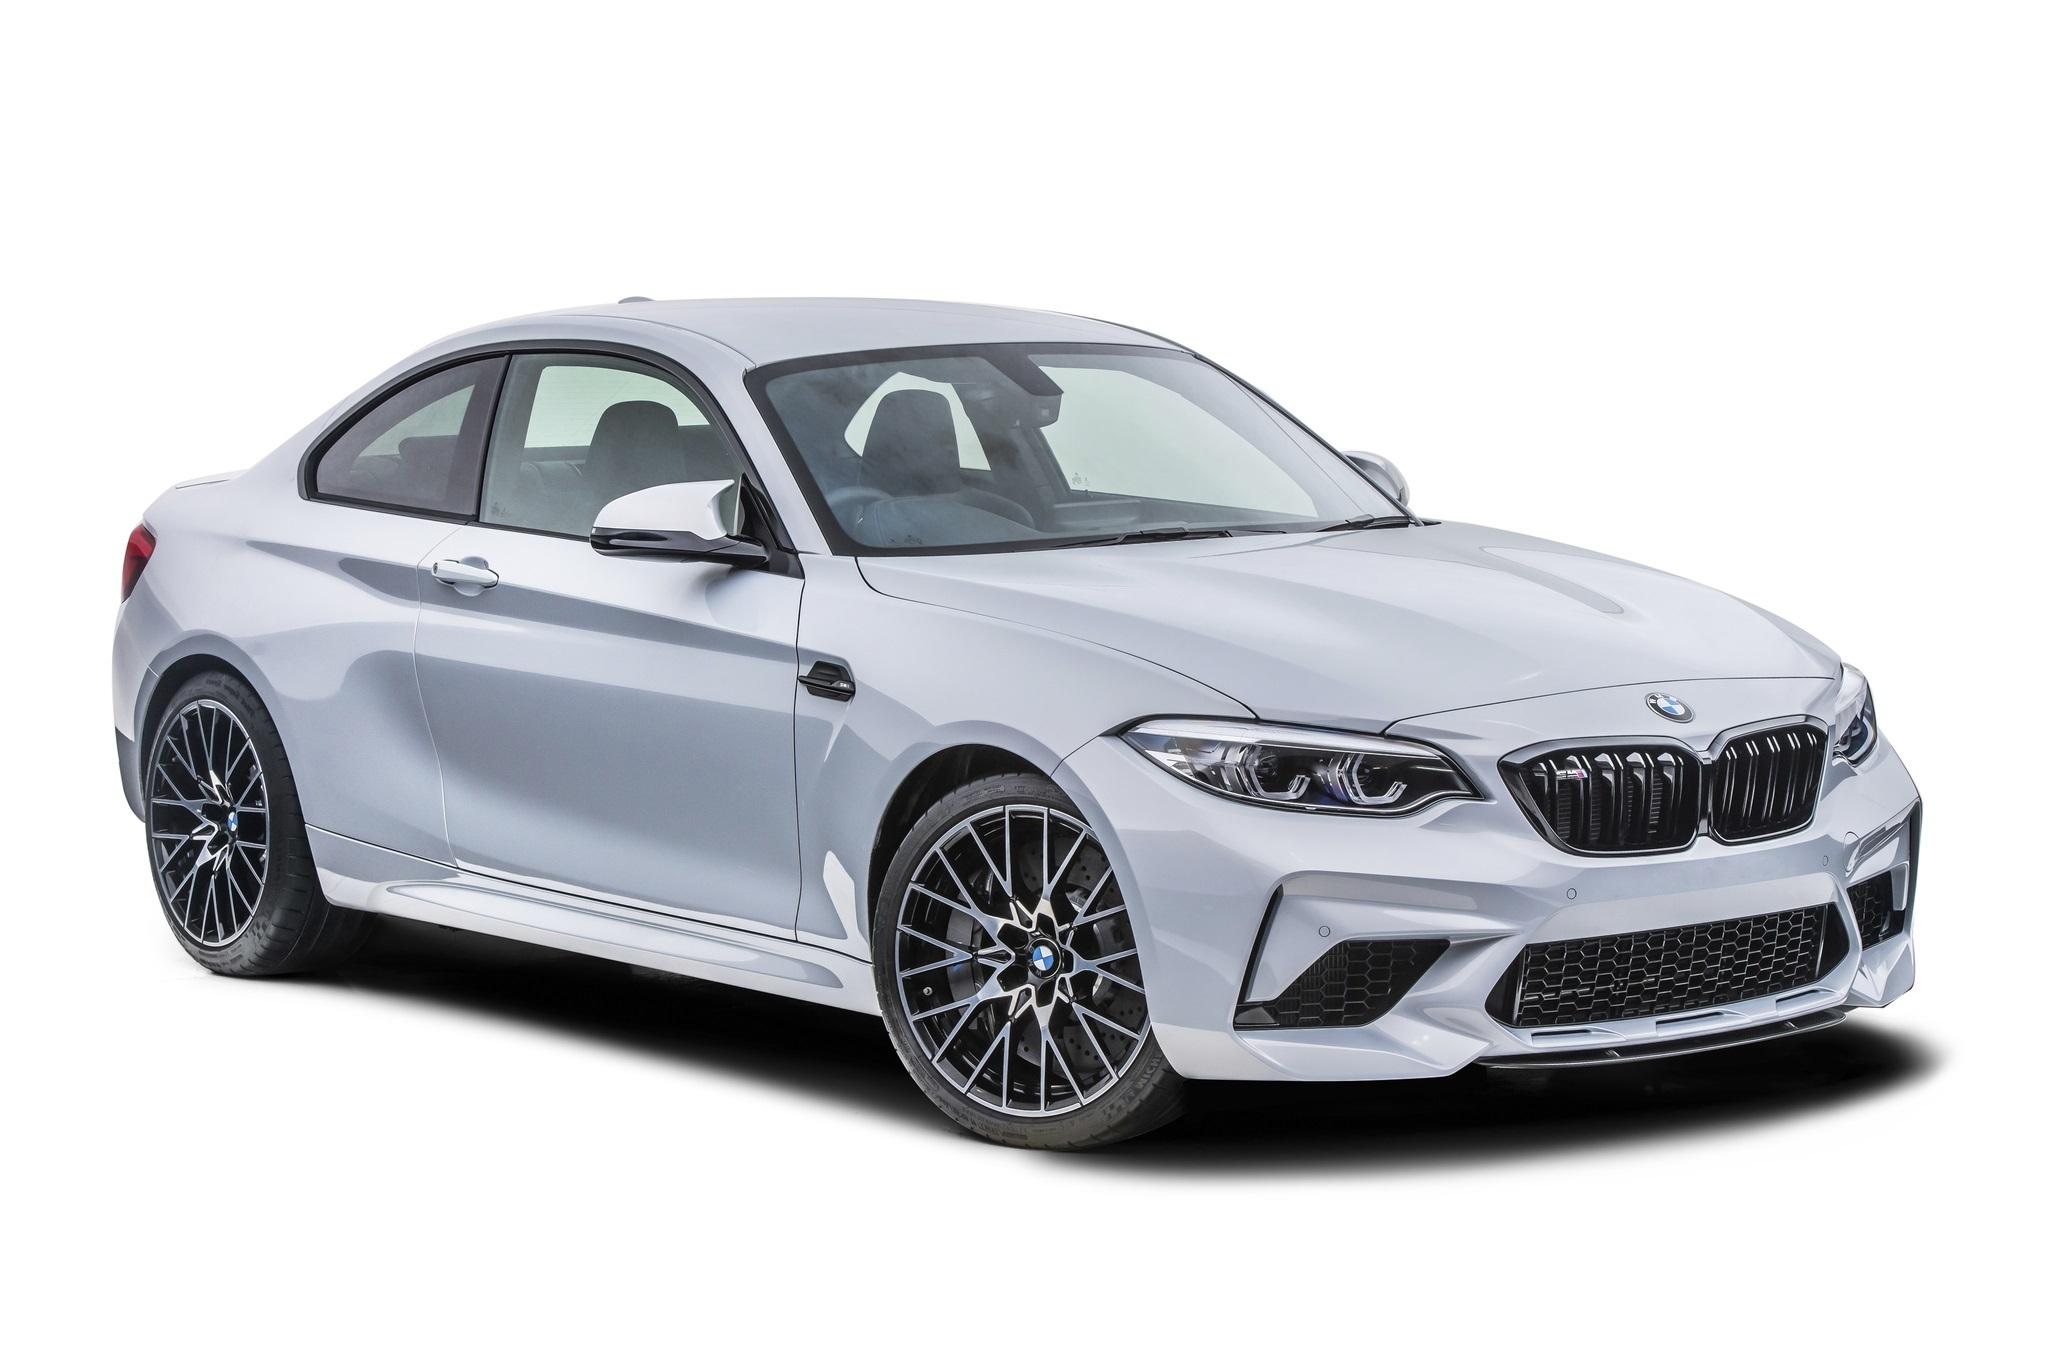 Sterckenn Carbon Fiber front splitter for BMW M2 Competition new model